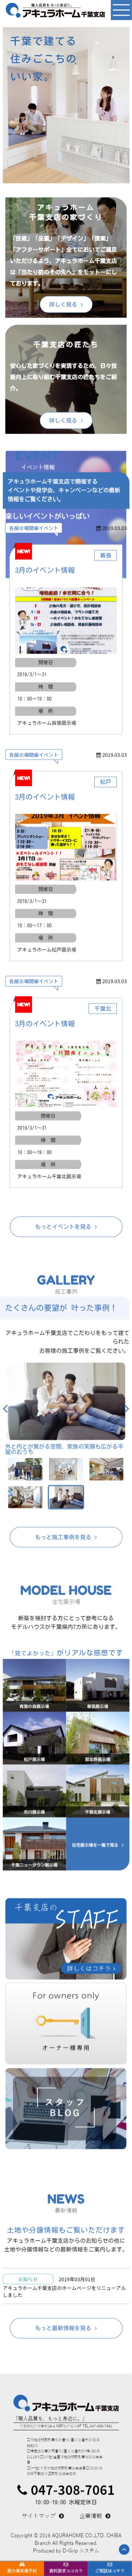 株式会社アキュラホーム千葉支店 様